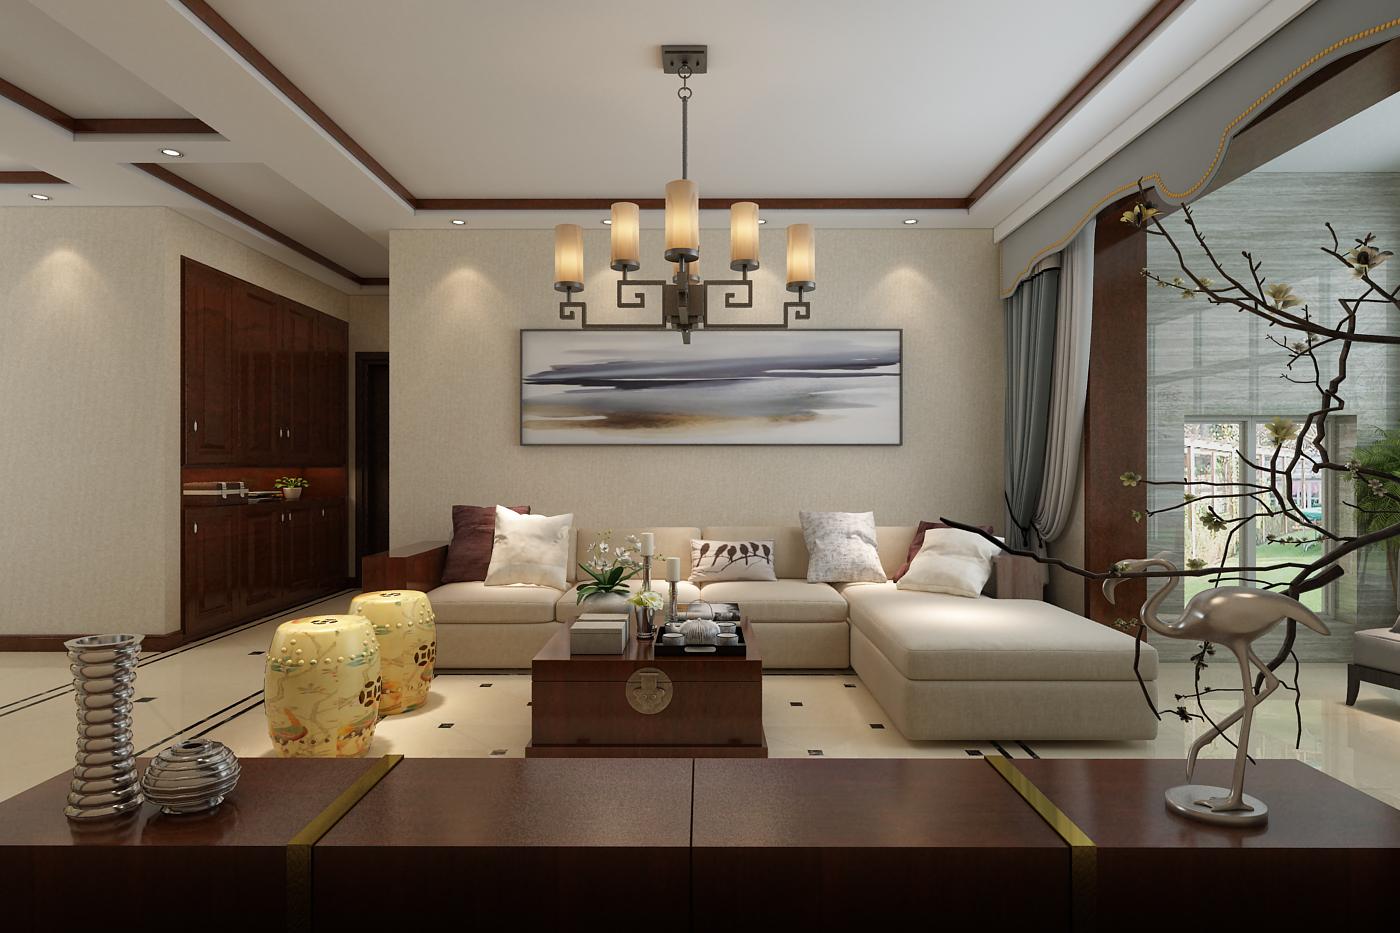 130㎡新中式风格沙发背景墙装修效果图